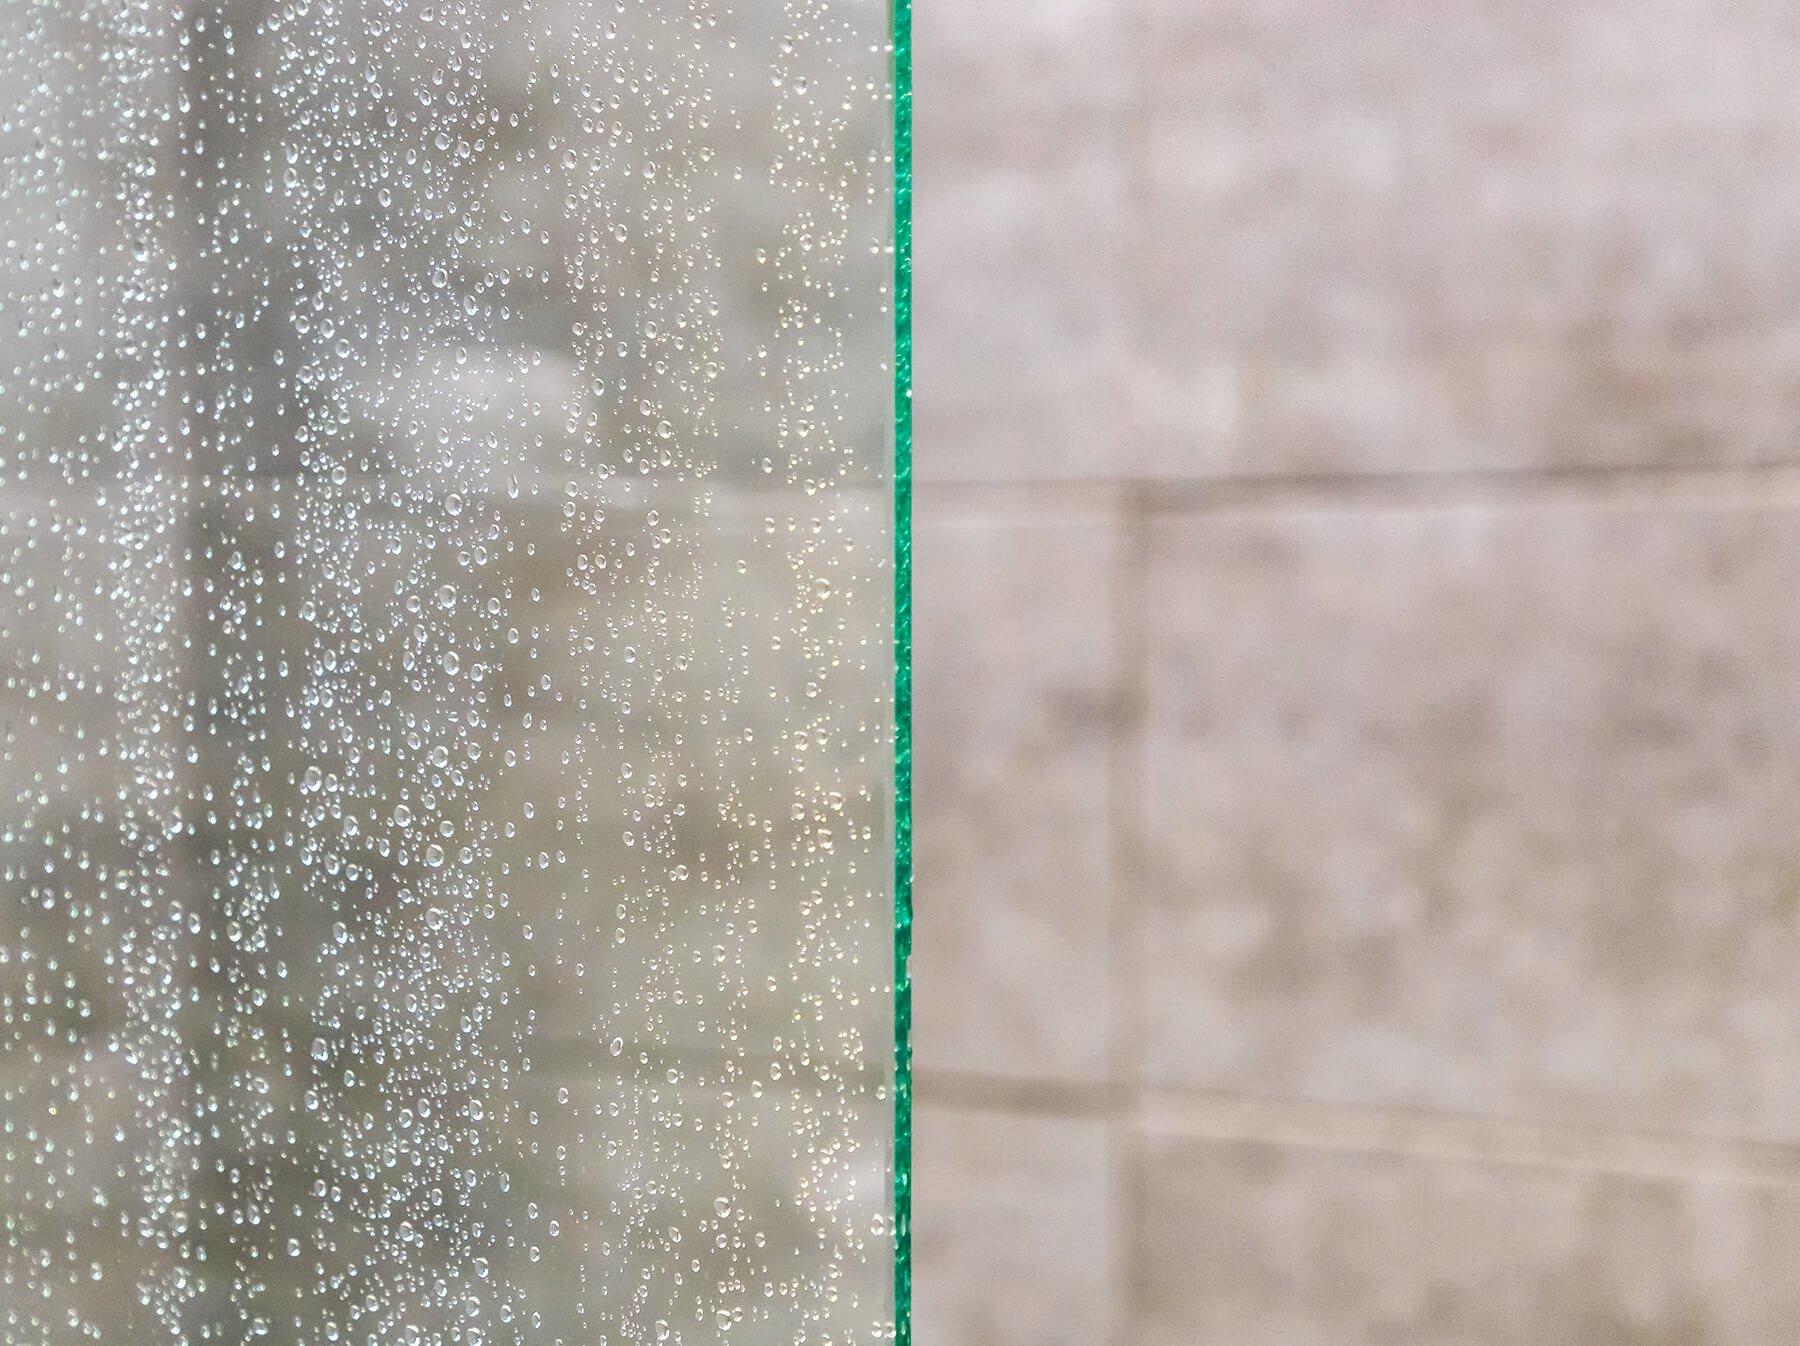 Feine Wassertropfen auf Glasscheibe im Badezimmer